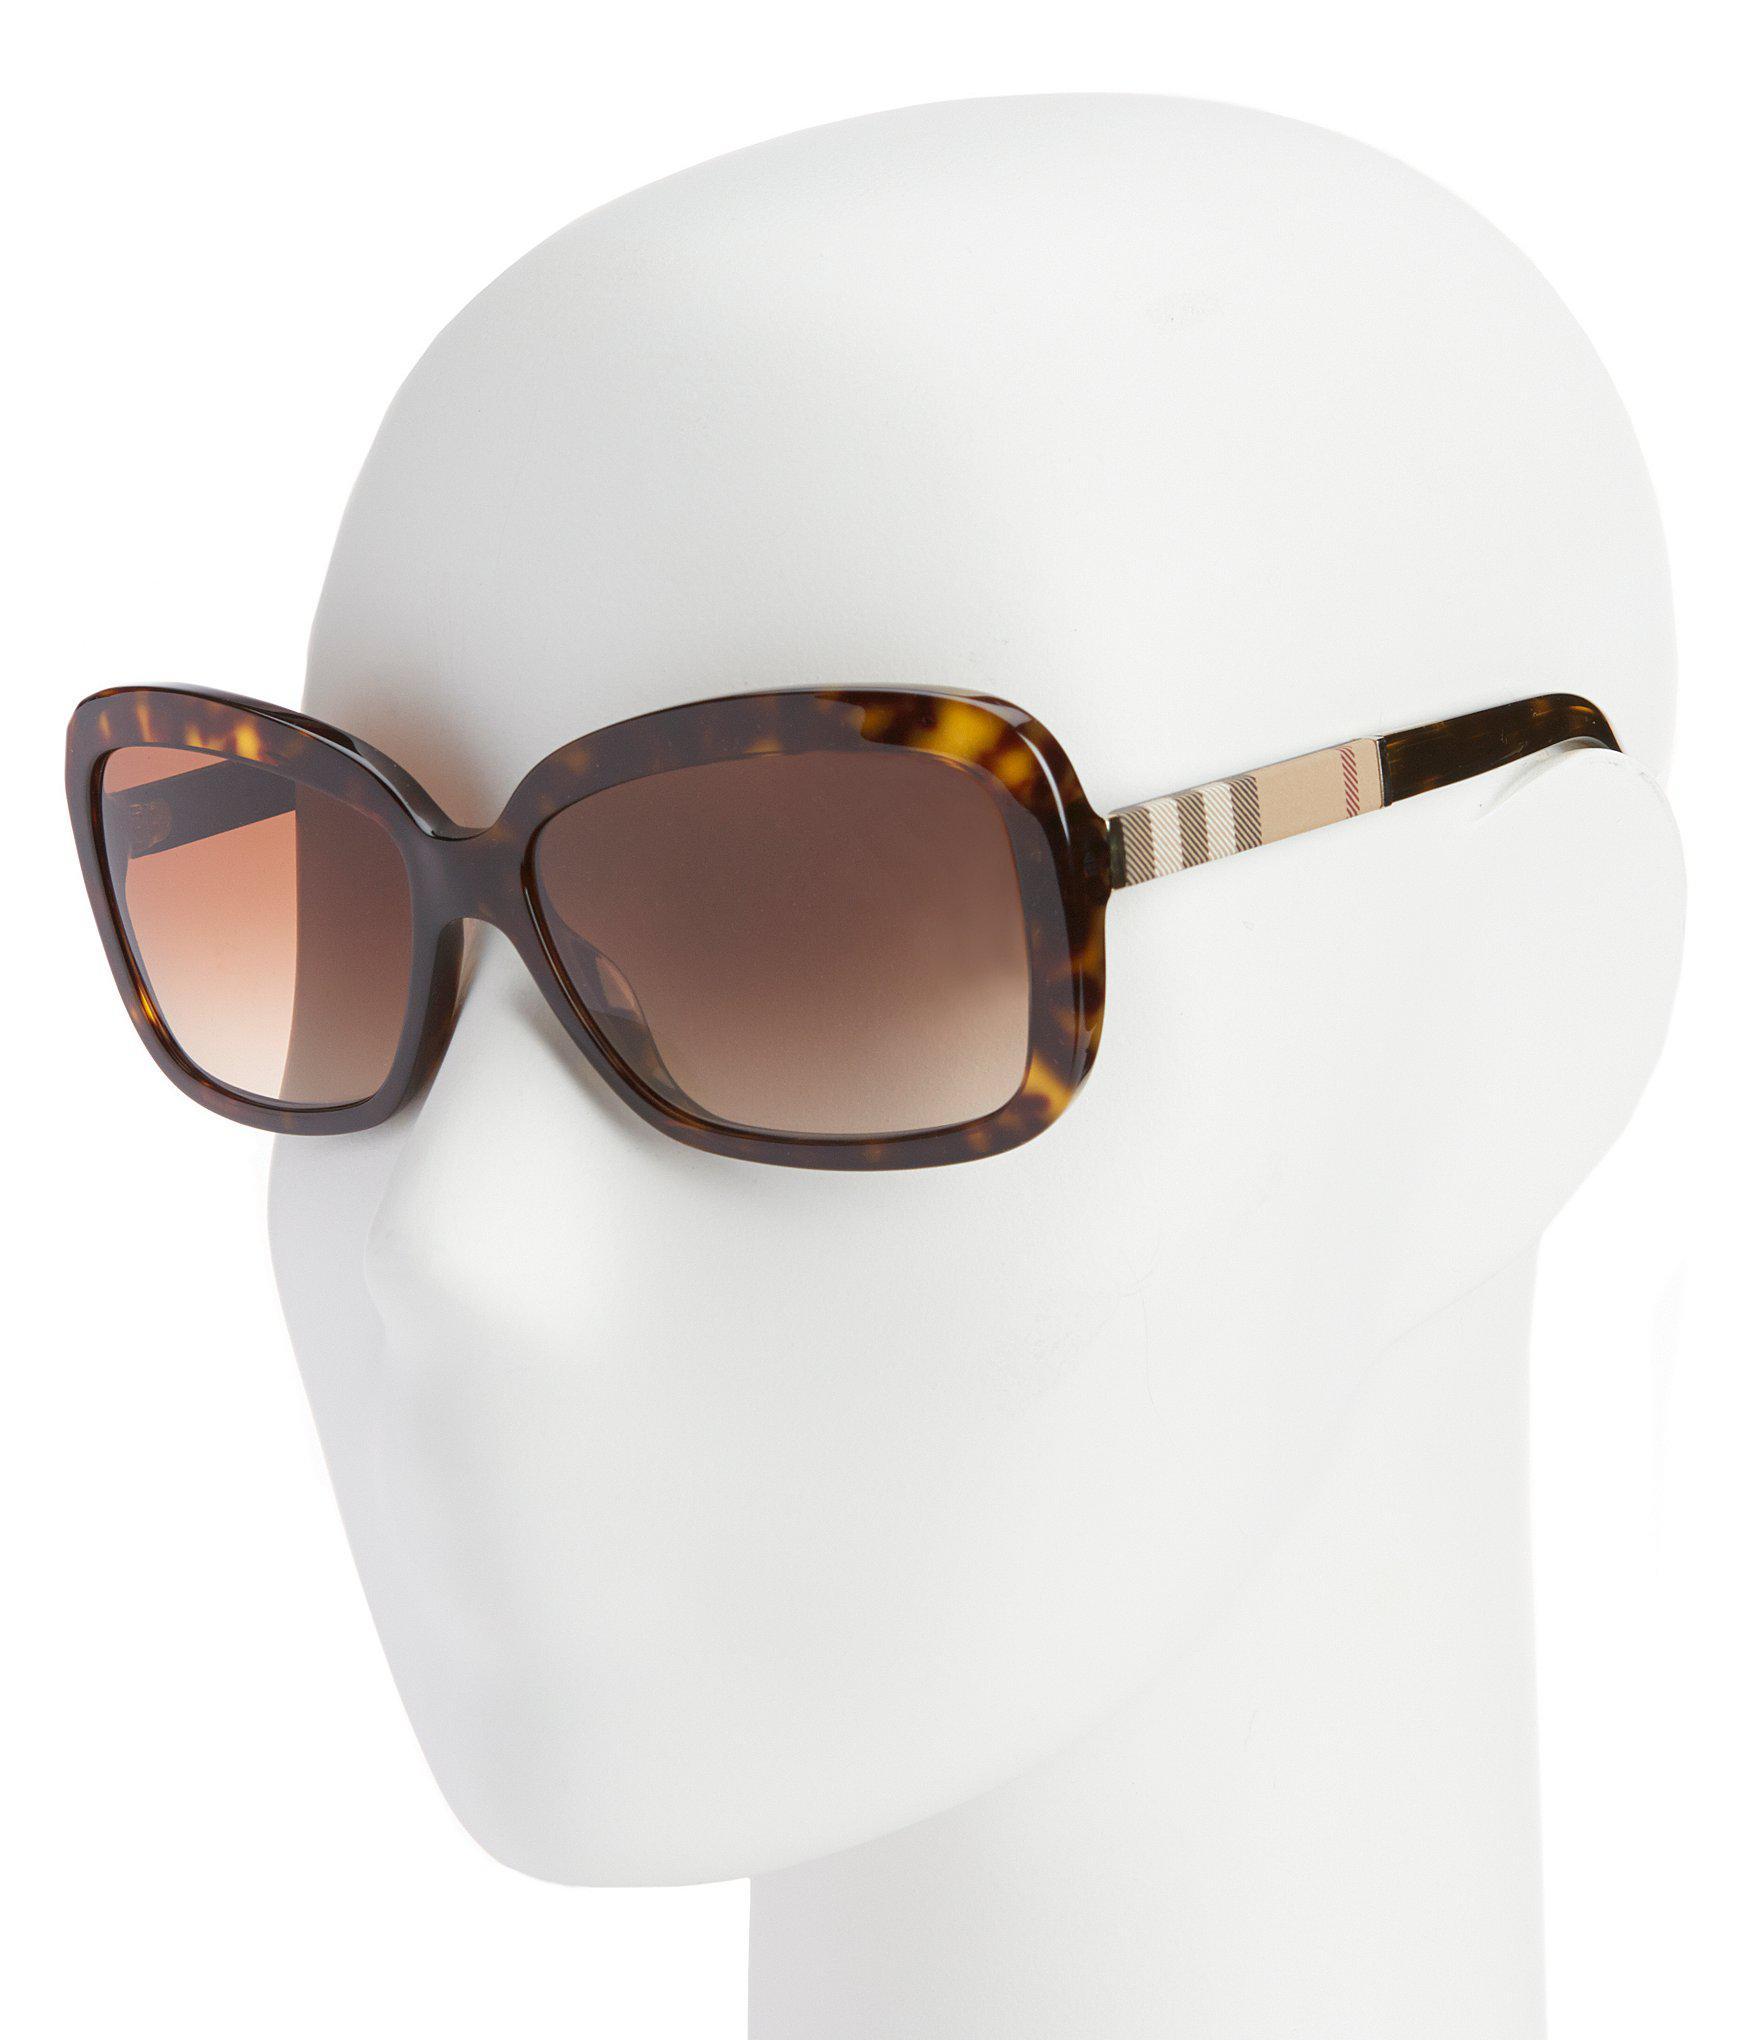 a51723833e20 Lyst - Burberry Canvas Check Square Gradient Sunglasses in Brown